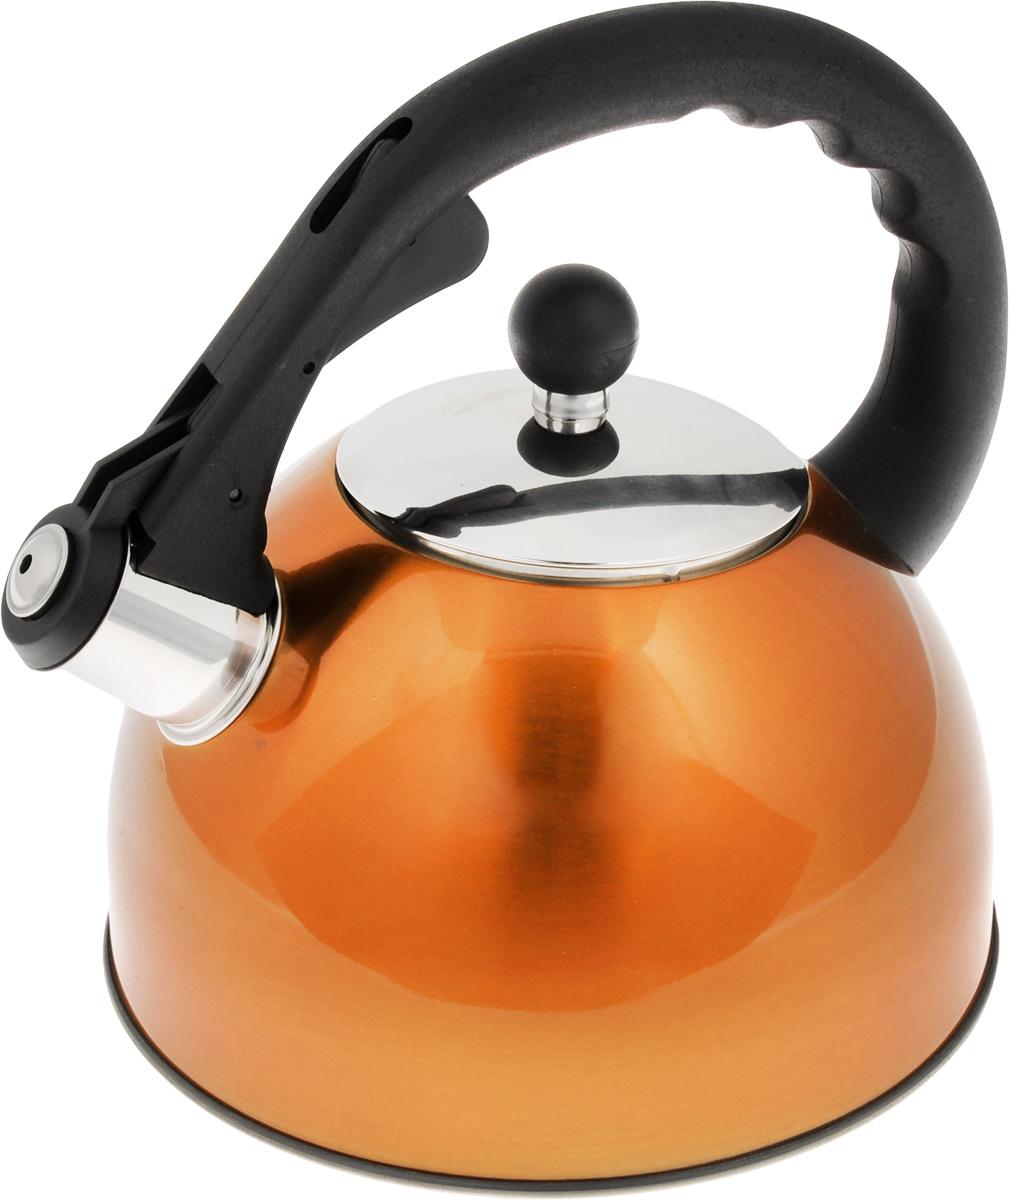 Чайник Mayer & Boch, со свистком, цвет: оранжевый, 2,7 л. 333354 009305Чайник Mayer & Boch изготовлен из высококачественной нержавеющей стали. Внешнее цветное термостойкое покрытие корпуса придает изделию безупречный внешний вид. Изделие оснащено пластиковой ручкой эргономичной формы и свистком, который громко оповещает о закипании воды. Можно использовать на всех видах плит. Подходит для индукционных плит. Можно мыть в посудомоечной машине.Диаметр (по верхнему краю): 10 см.Высота чайника (без учета ручки и крышки): 12 см.Высота чайника (с учетом ручки и крышки): 22 см.